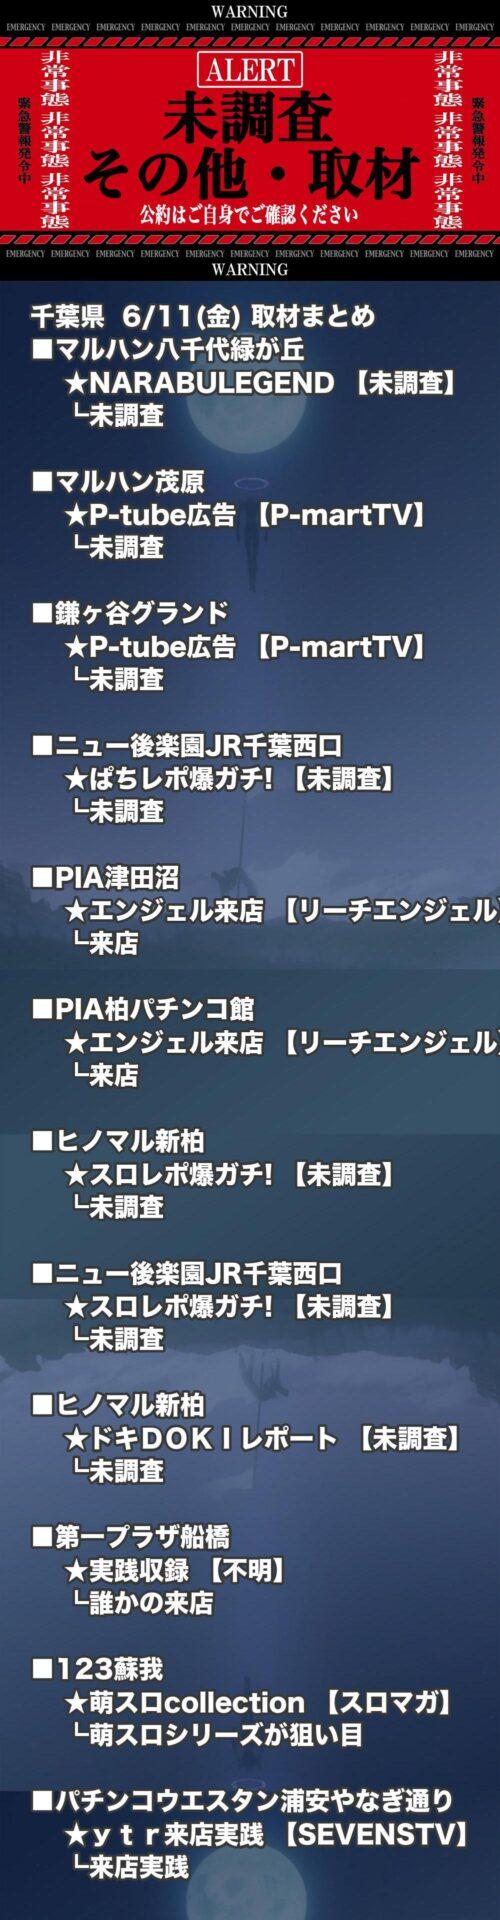 千葉県_2021-06-11_未調査_パチンコ・パチスロ